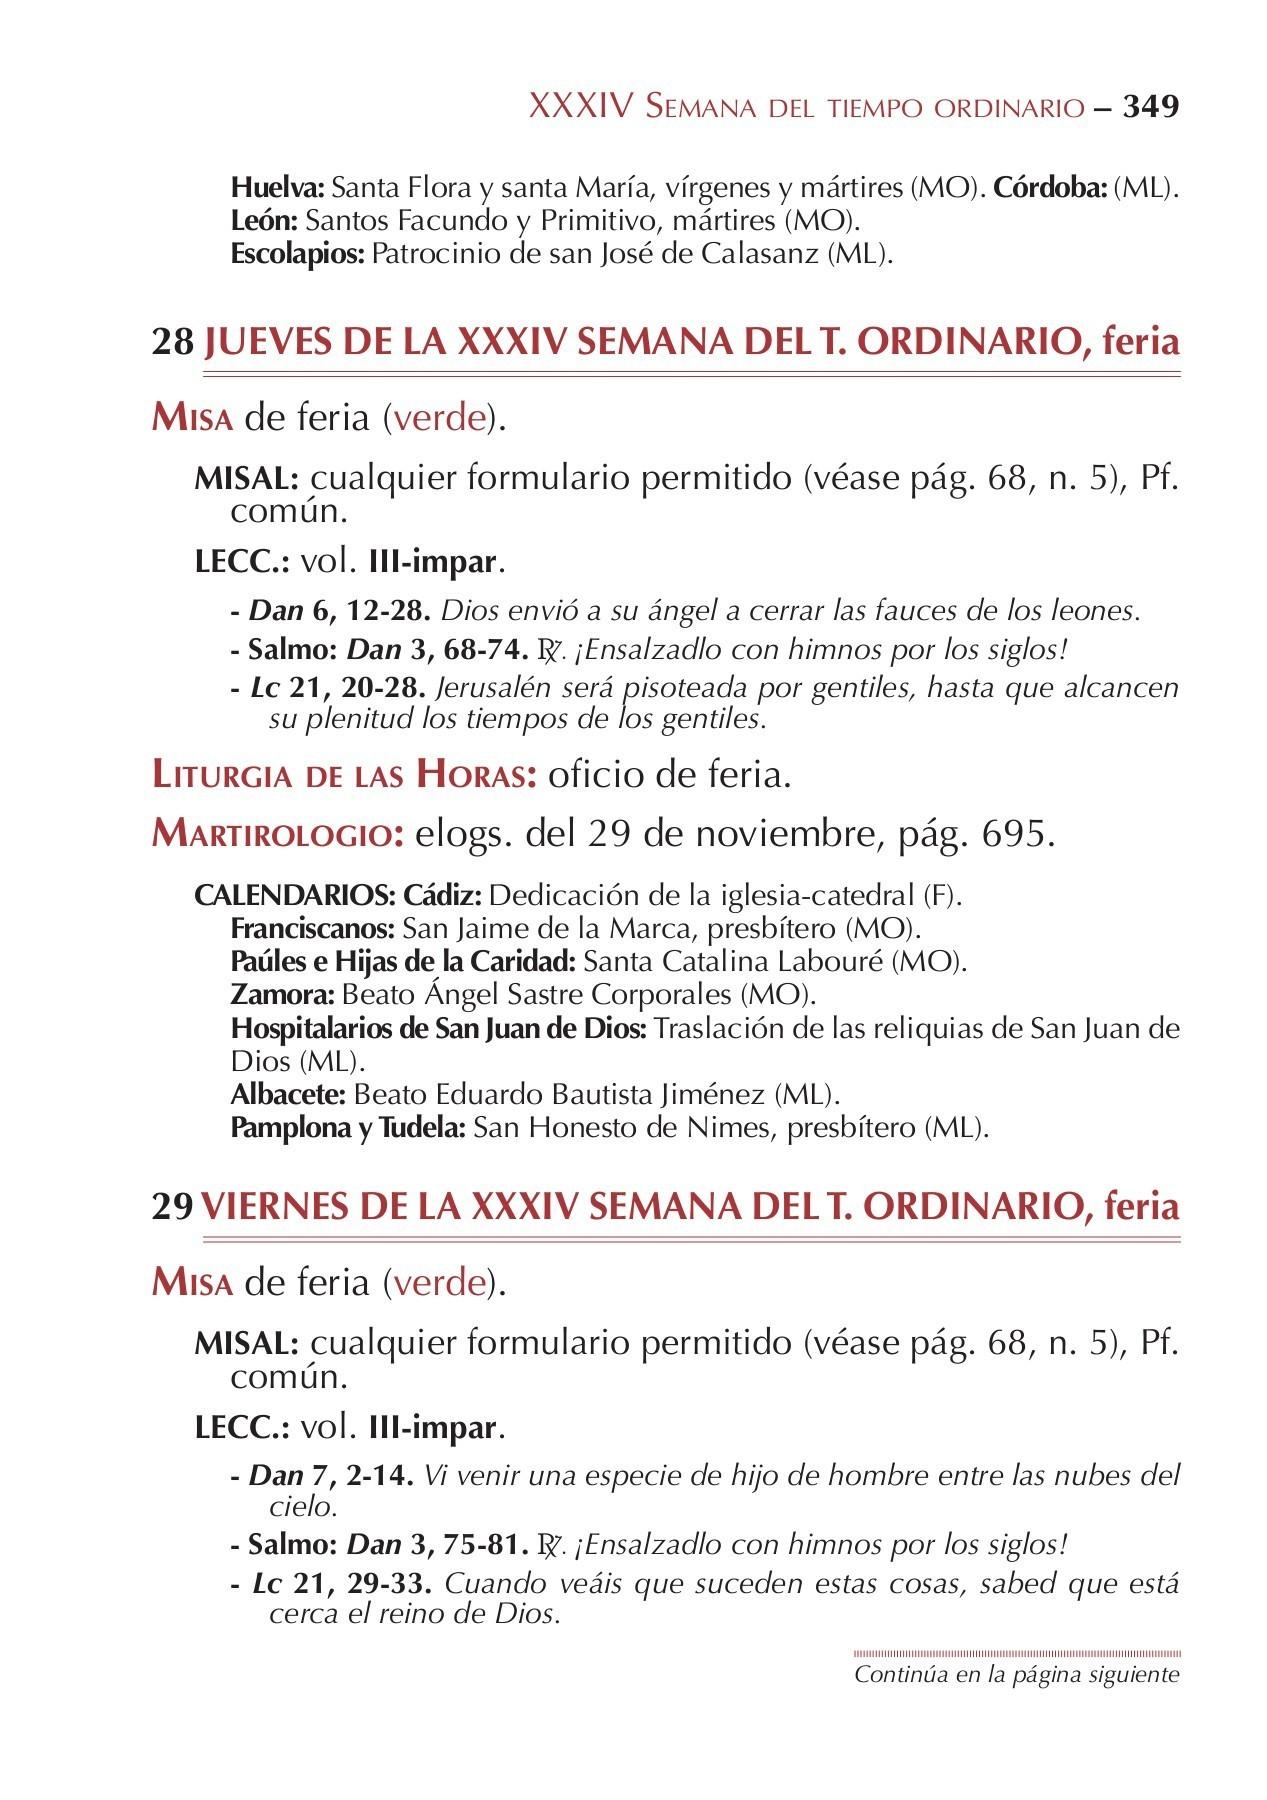 Calendario Festivos 2020 Zaragoza Actual Calendario Litšrgico Pastoral 2018 2019 Pages 351 386 Of Calendario Festivos 2020 Zaragoza Más Reciente Los Cuidados Enfermeros 340 Public Health Studocu